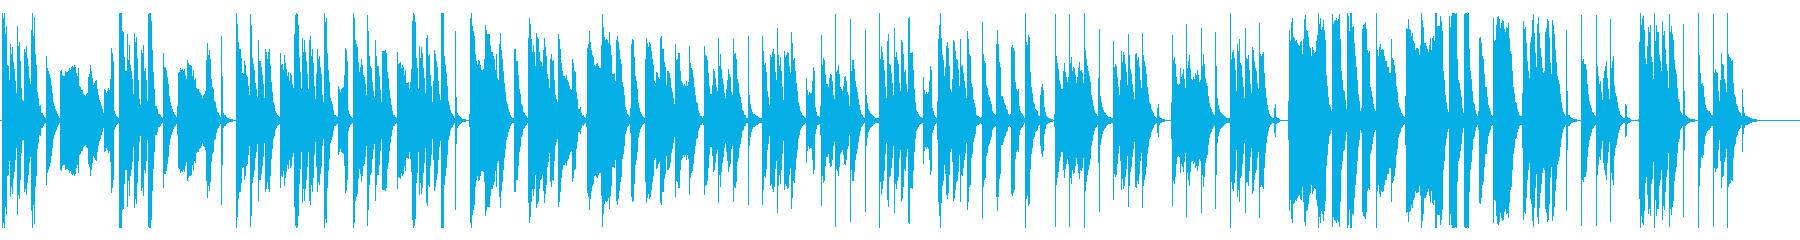 コミカルでおとぼけな、ほのぼの系Bの再生済みの波形